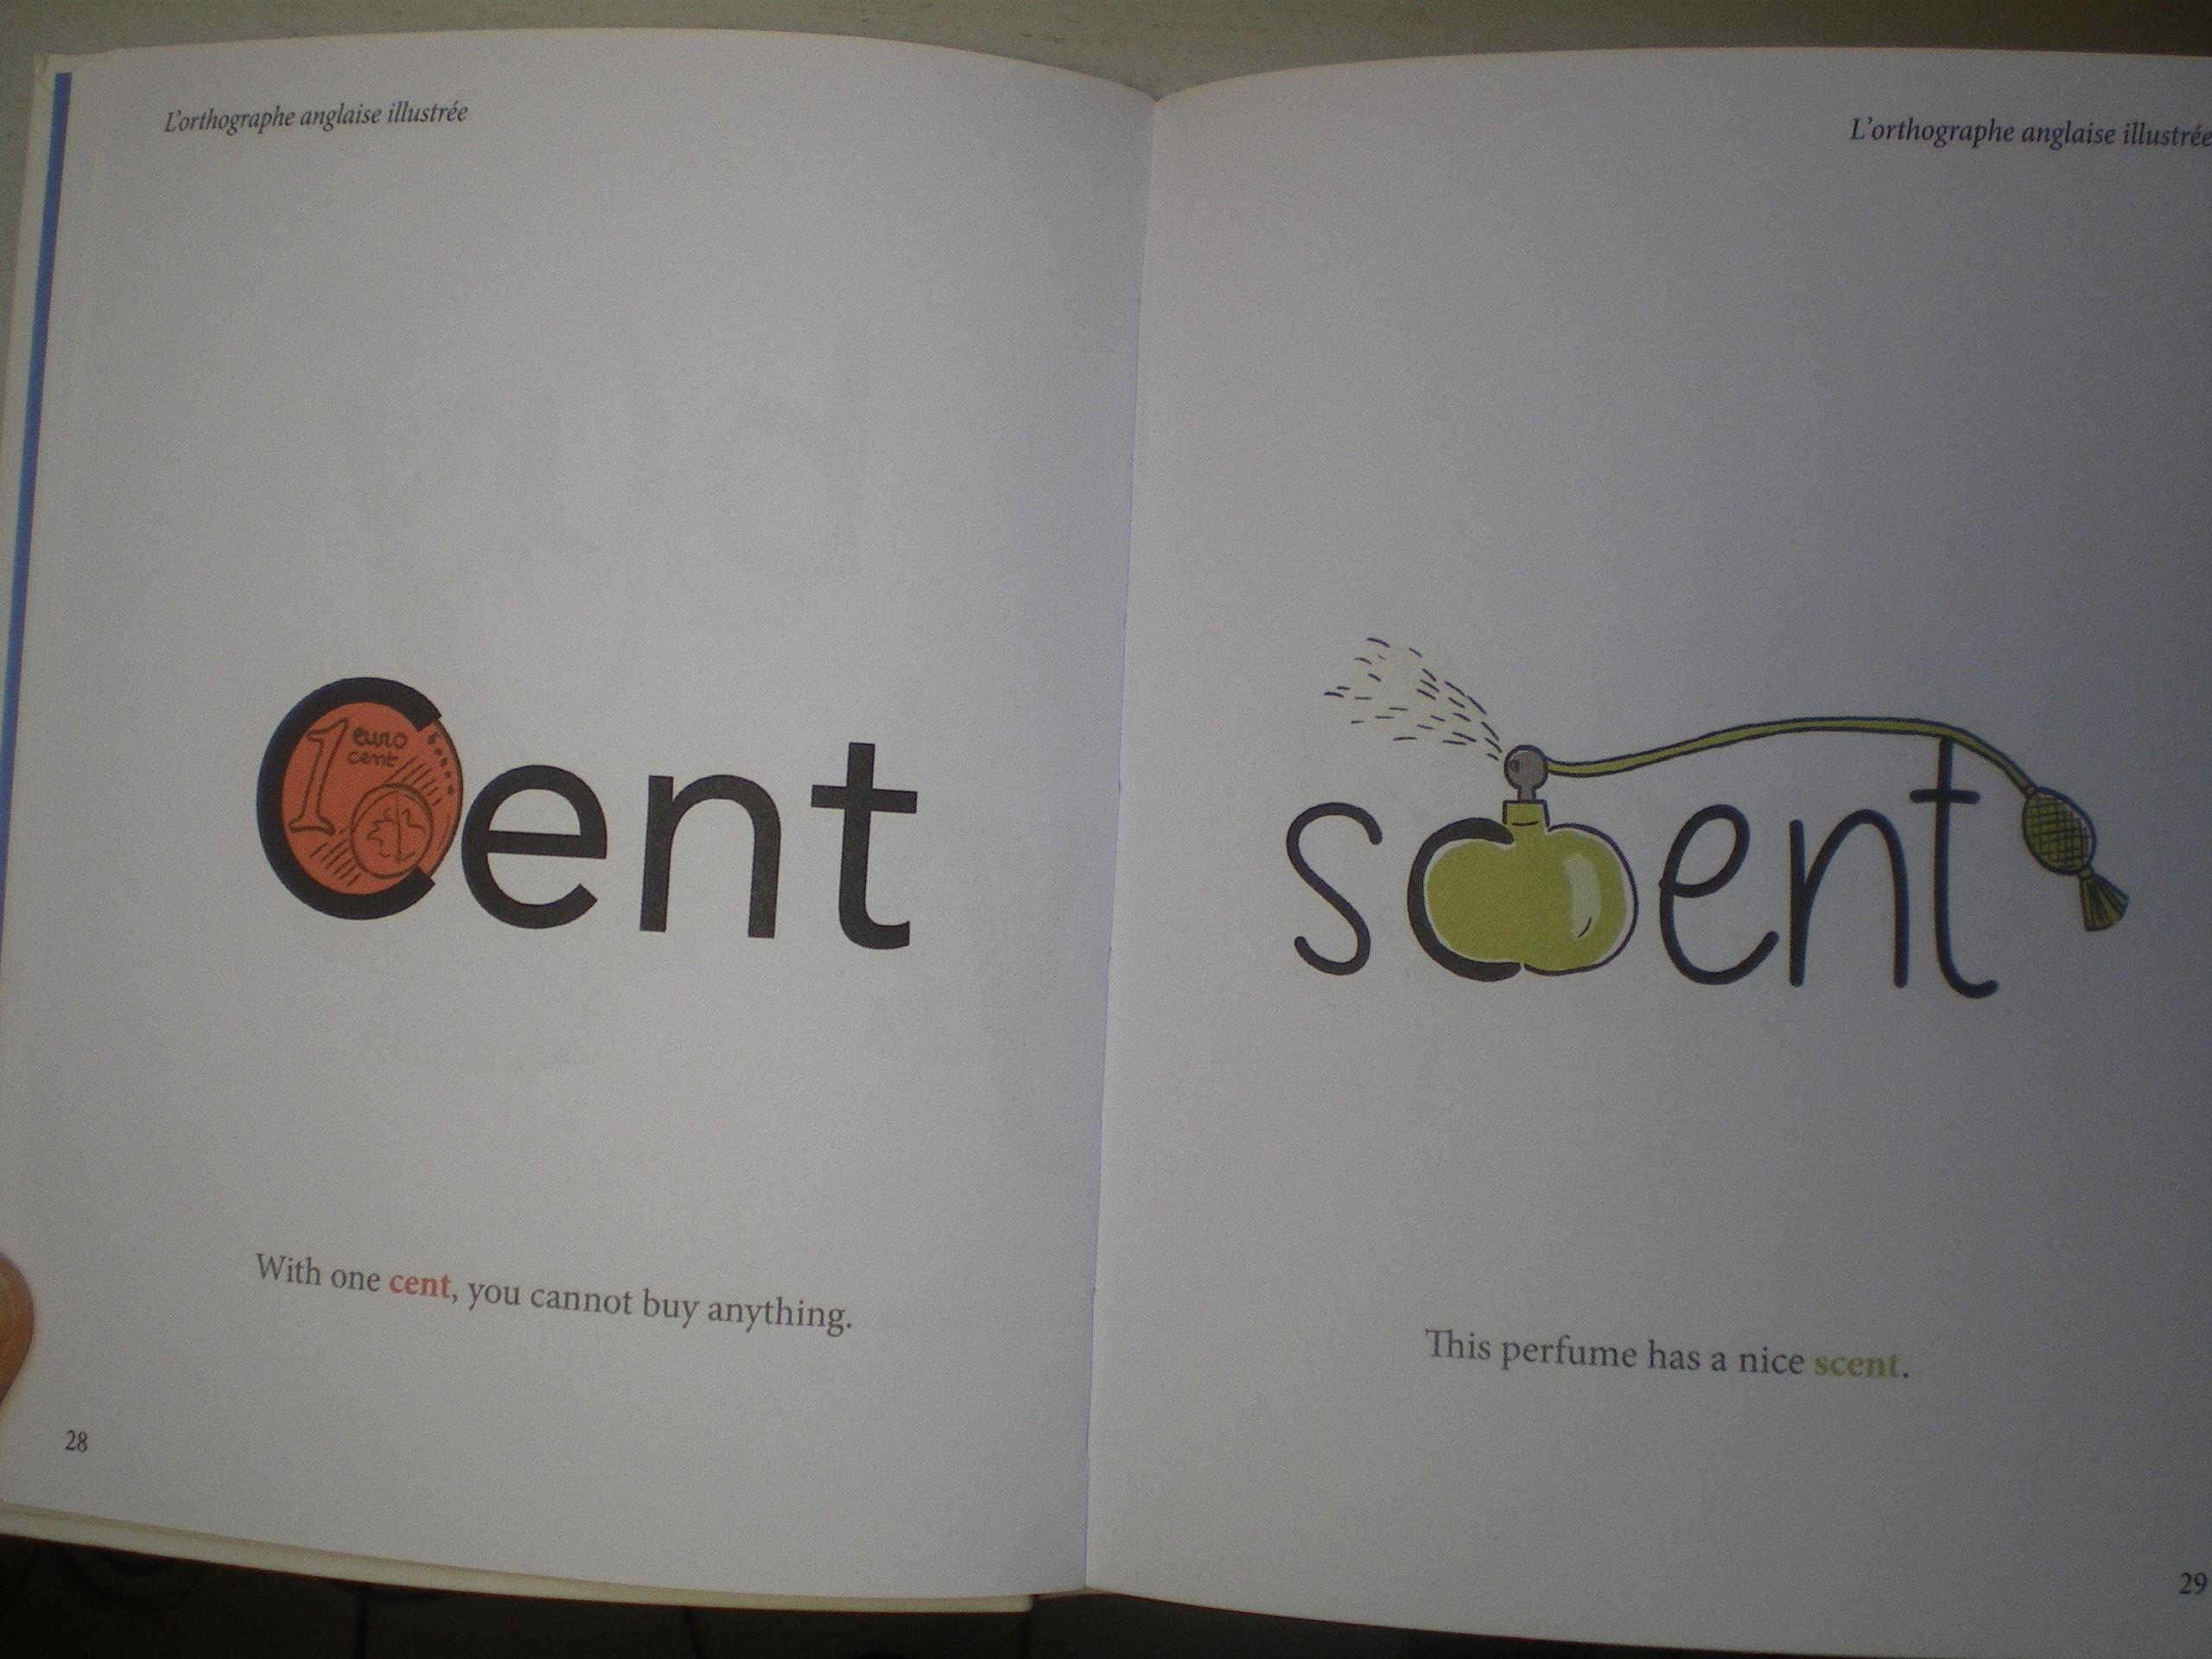 dessins orthographe illustrée anglais